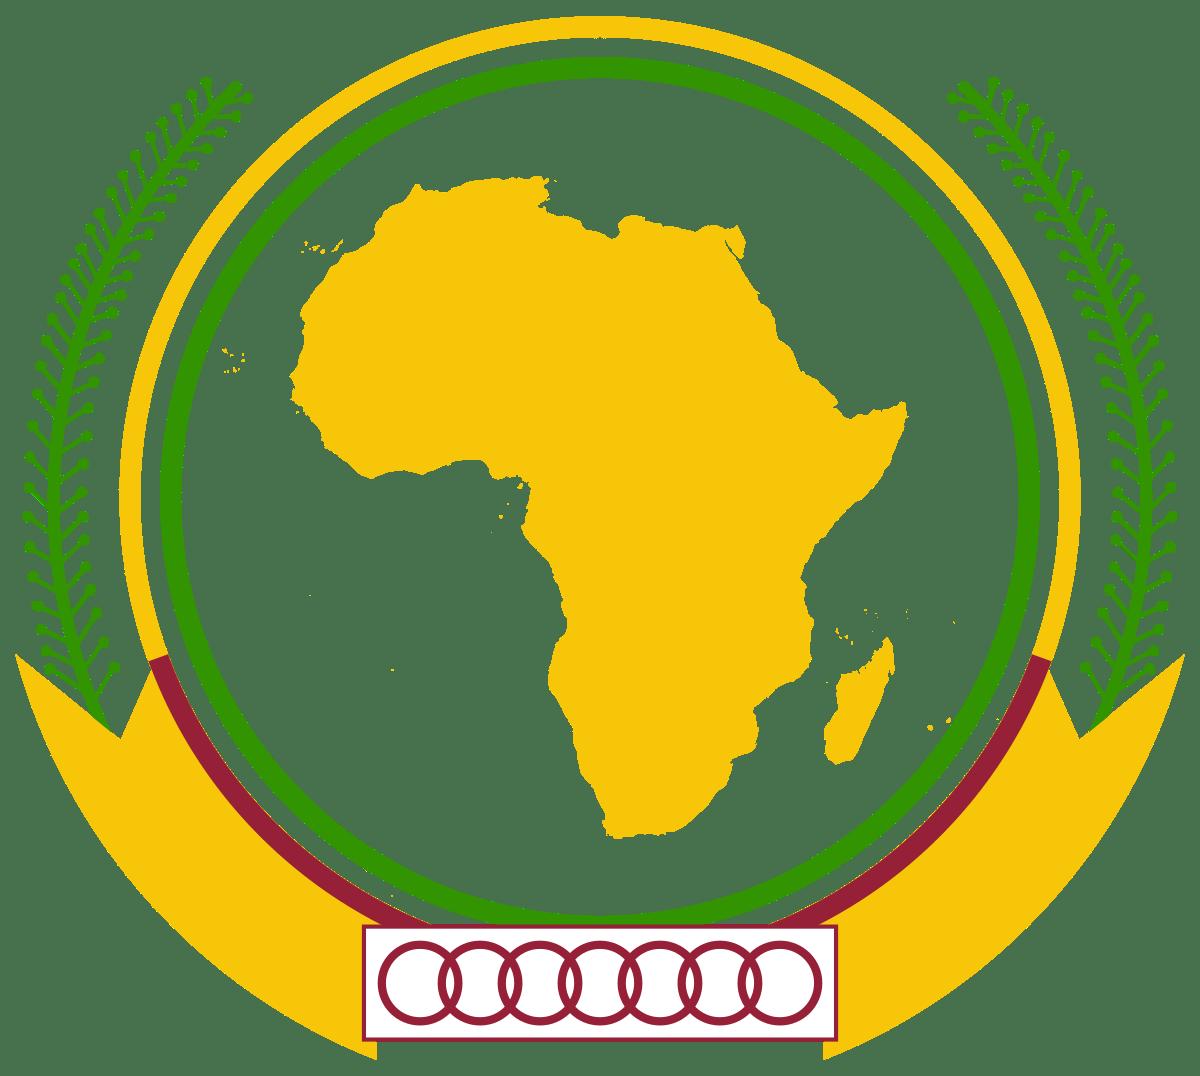 L'UA africaine réuni à Libreville son Conseil de paix et de sécurité (CPS)